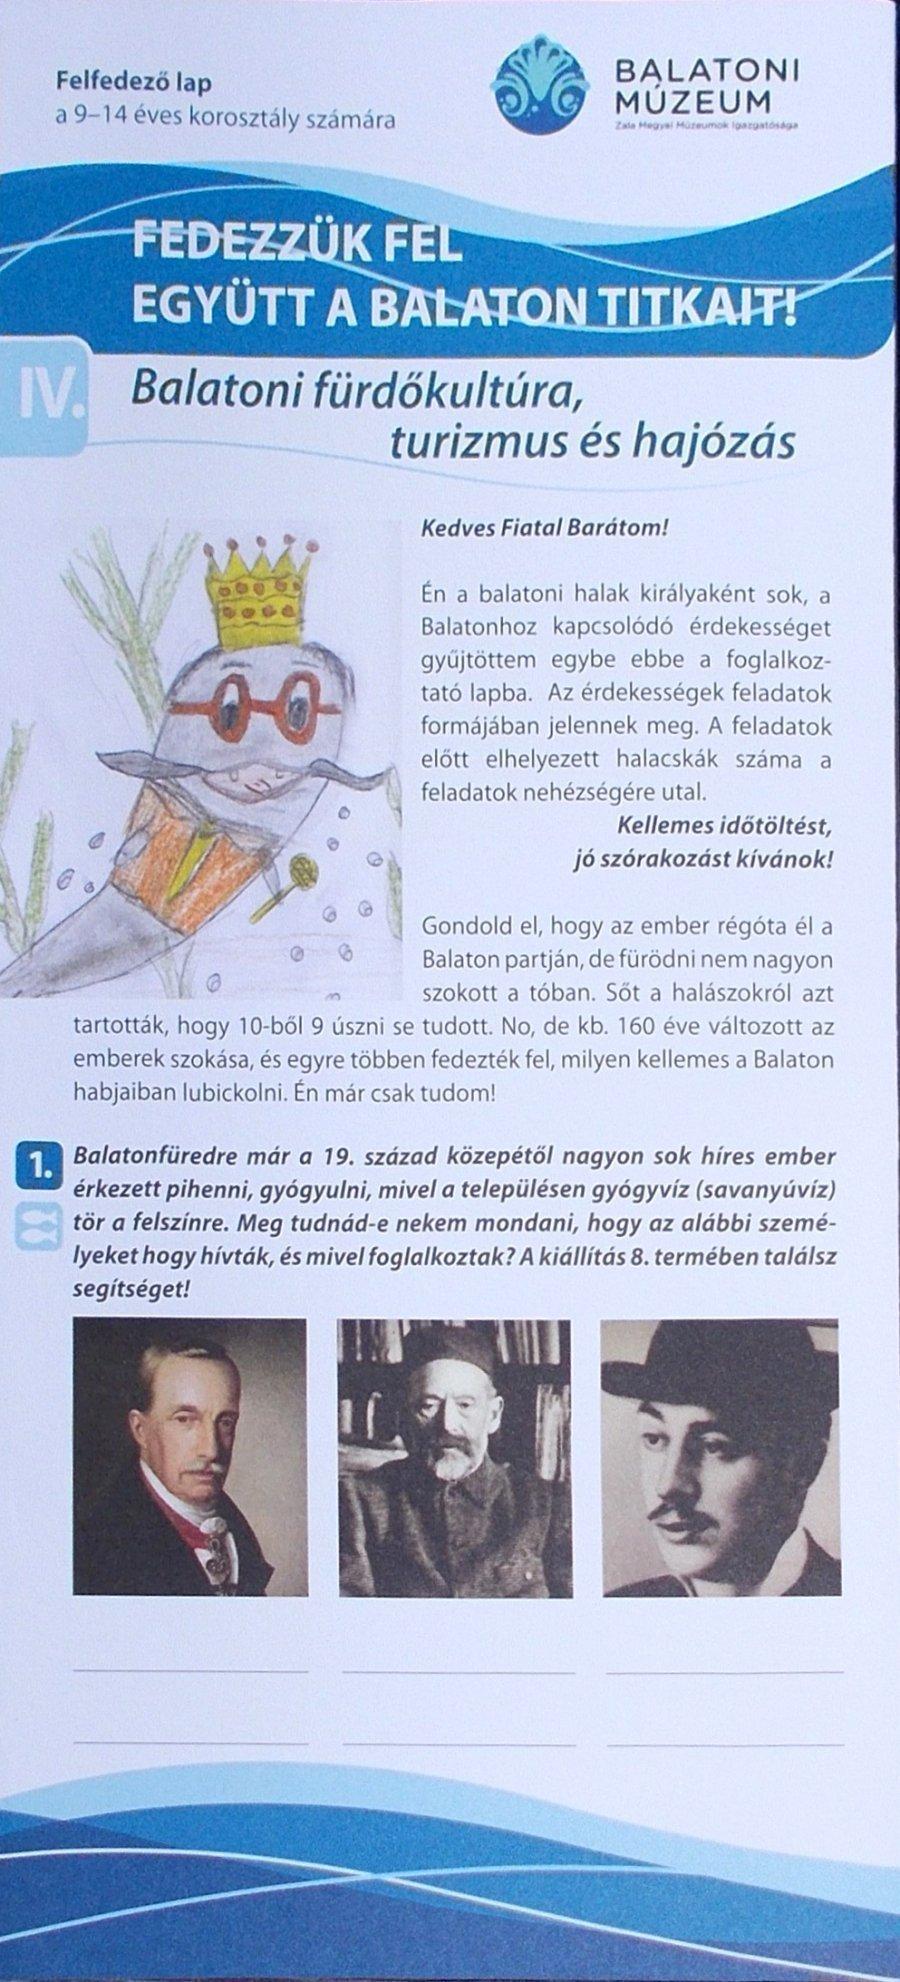 Fedezzük fel együtt a Balaton titkait! IV Balatoni fürdőkultúra, turizmus és hajózás